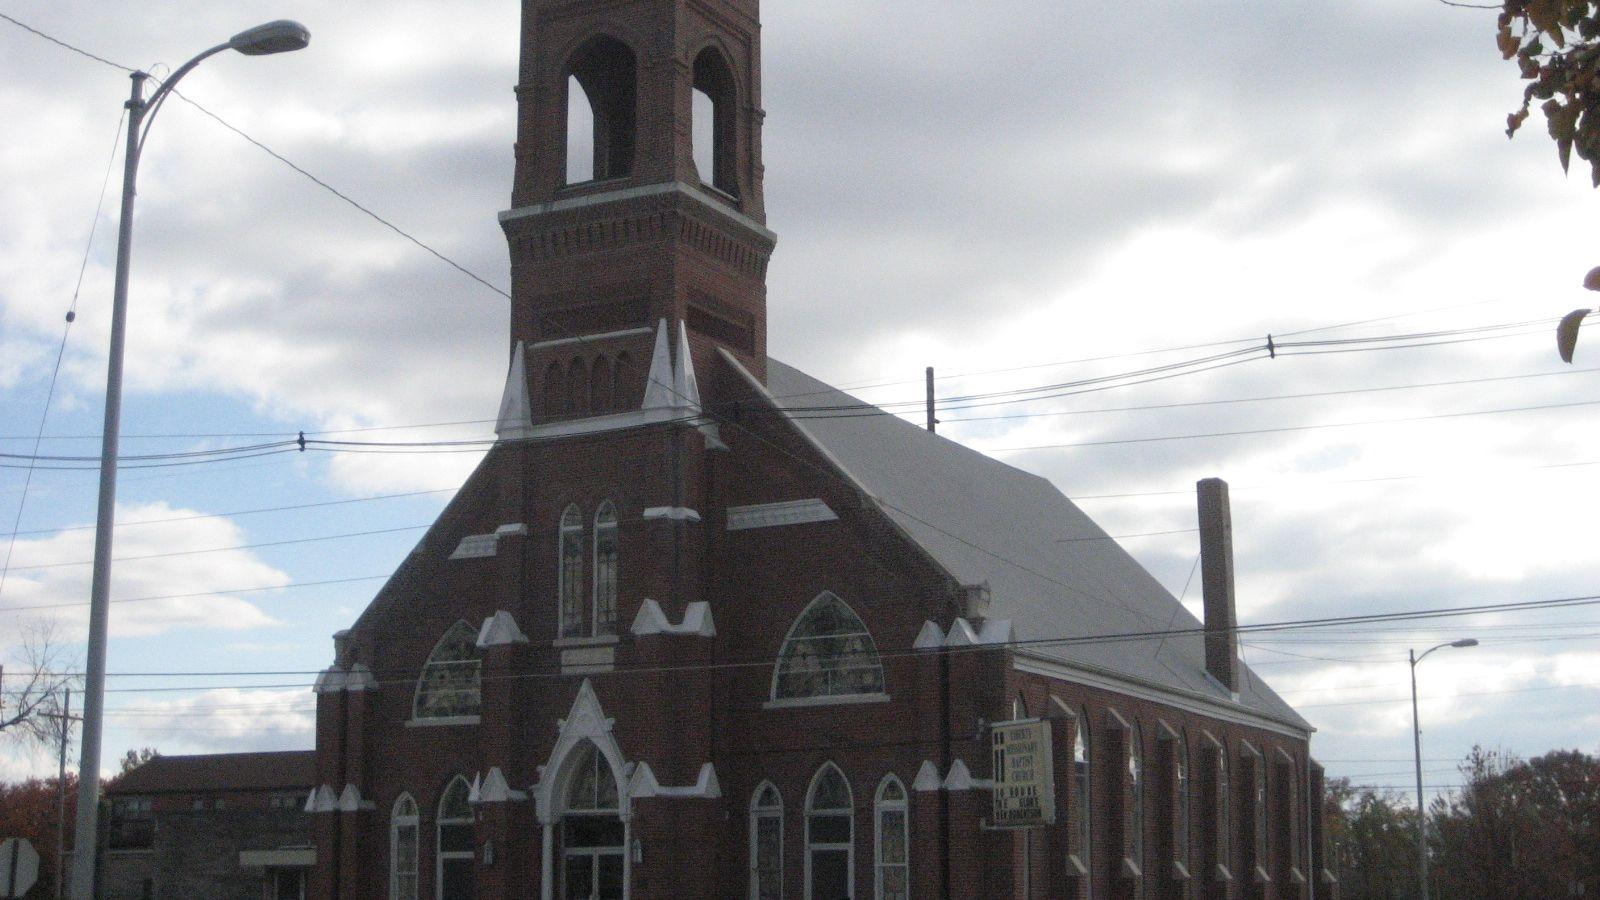 HistoricEvansville.com